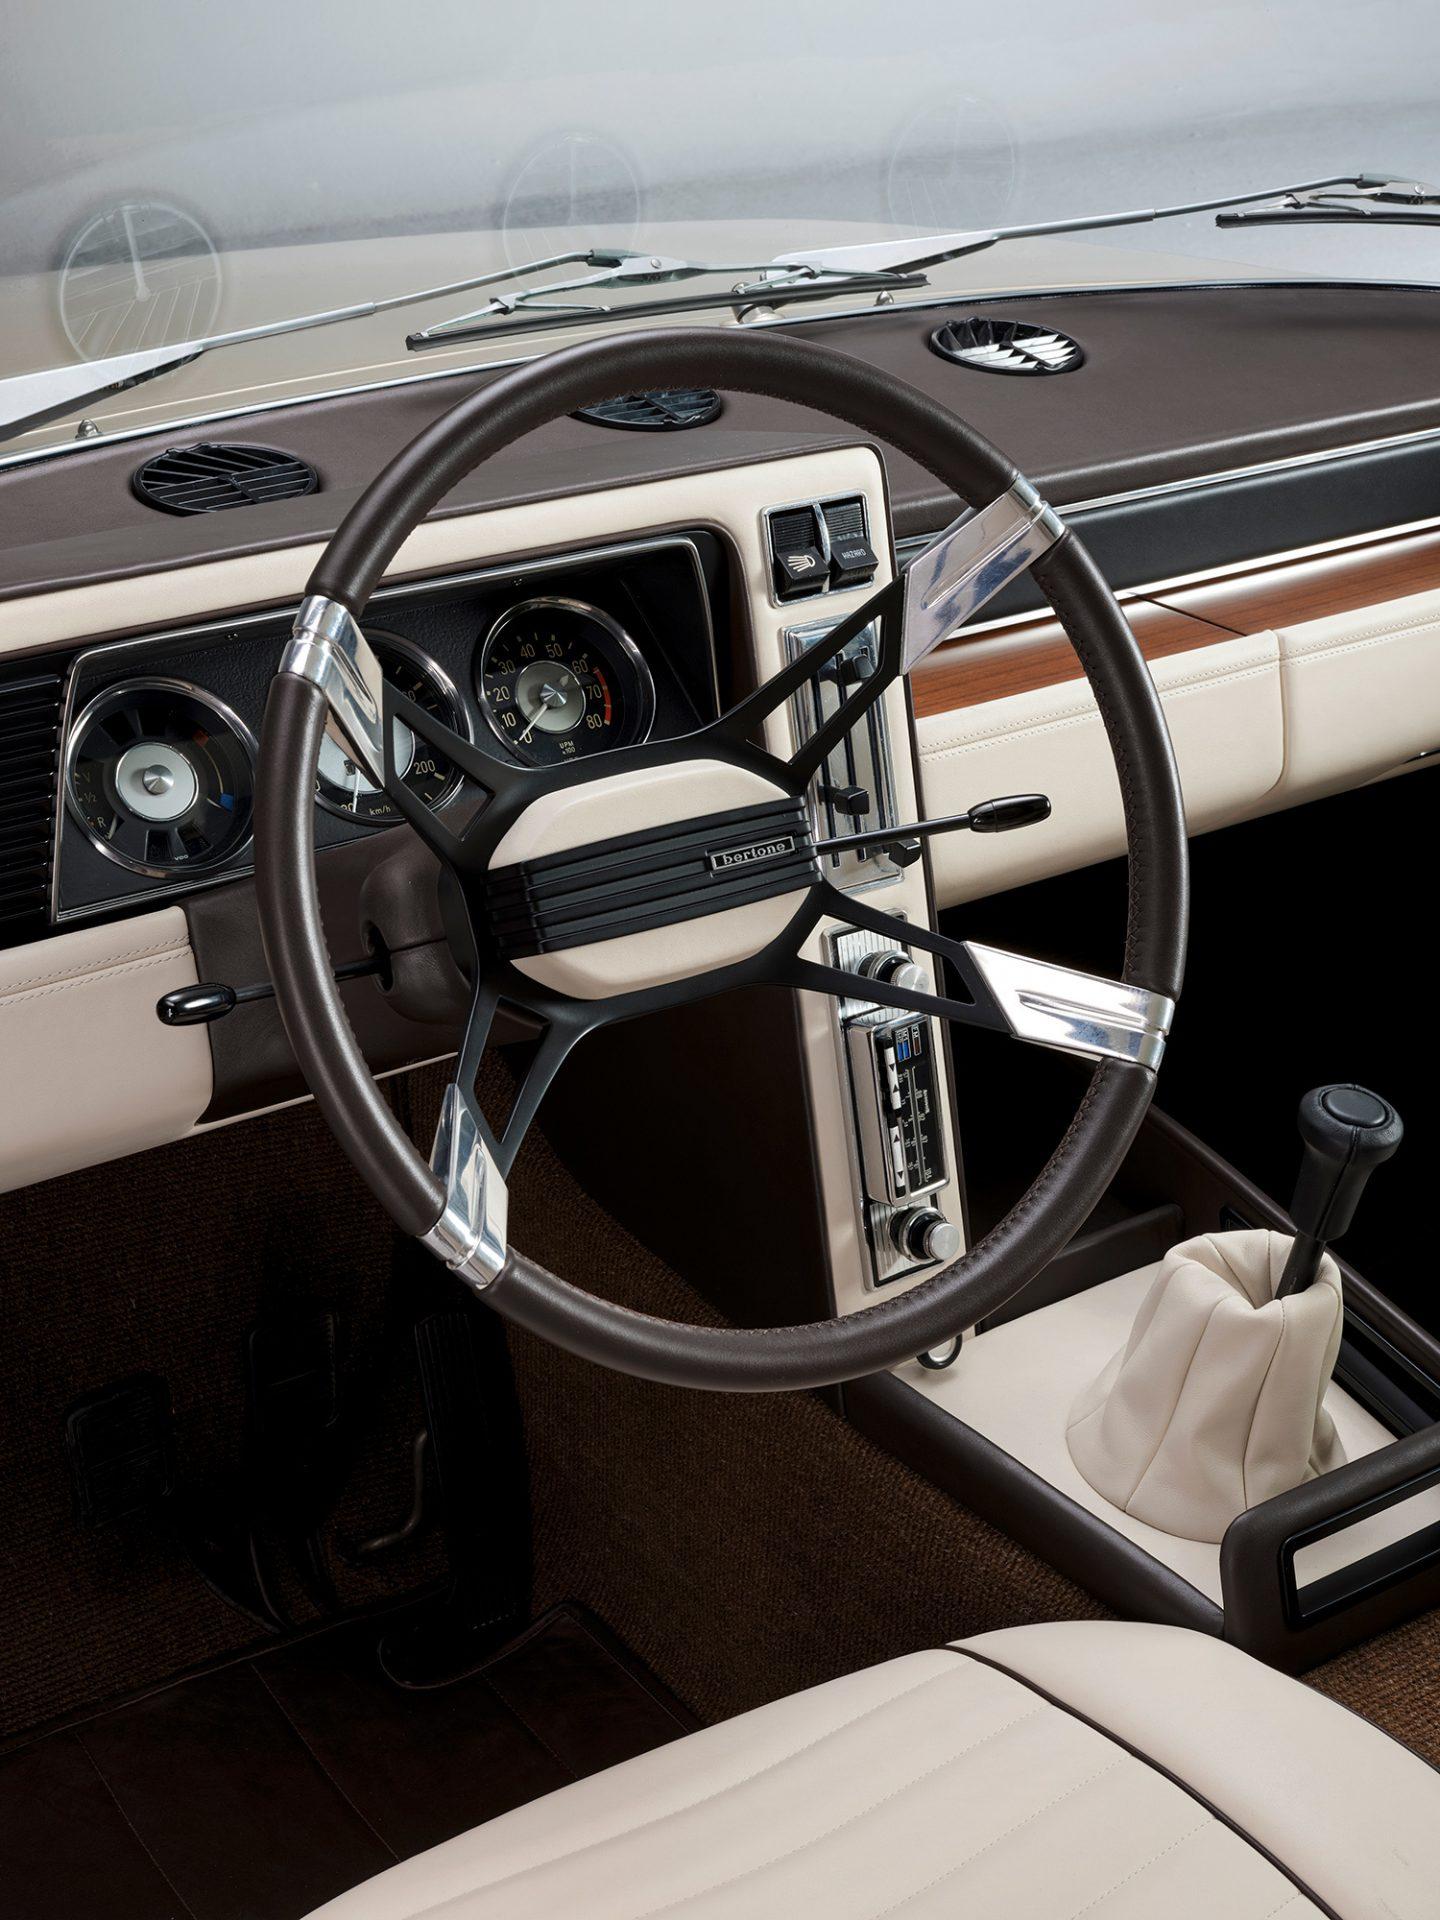 BMW Garmisch (1970/2019) - Old Concept Cars